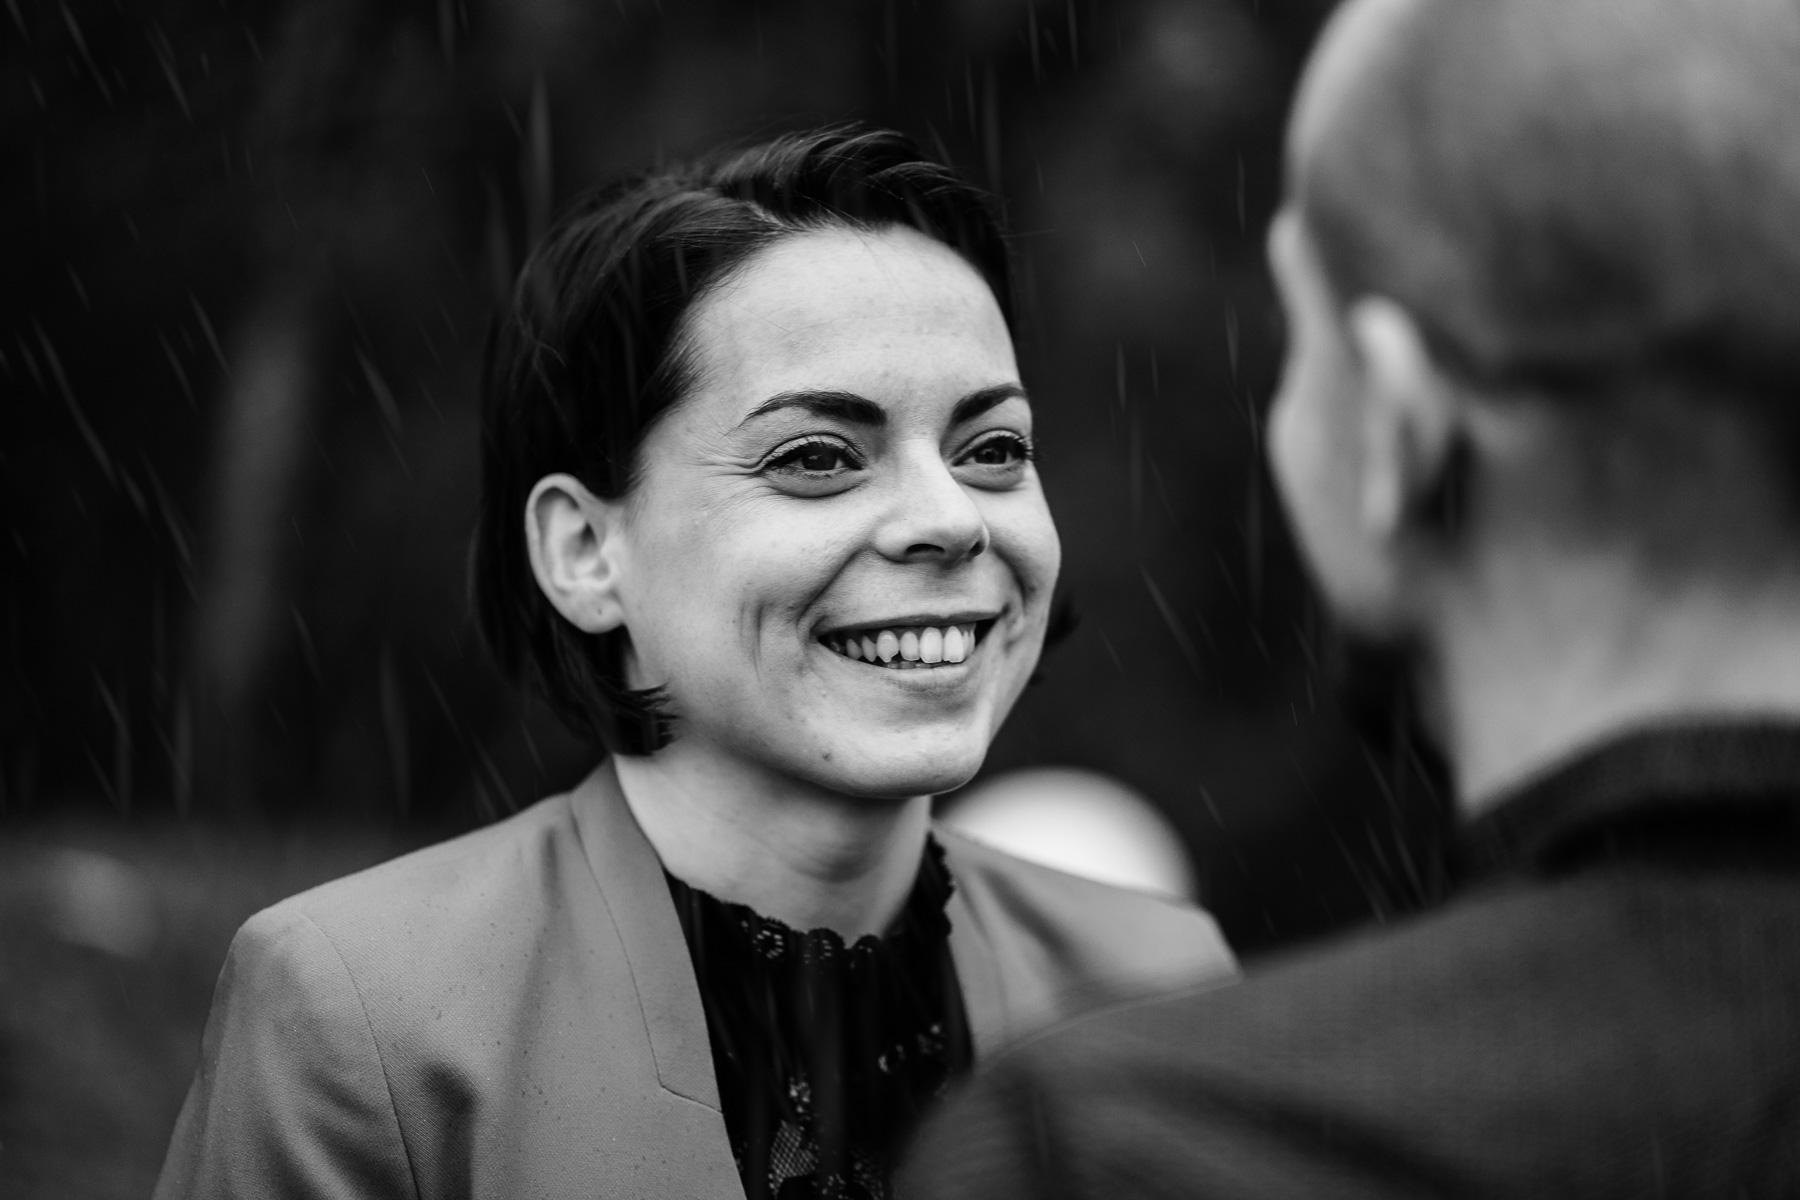 Shooting couple noir blanc photographe pluie 9